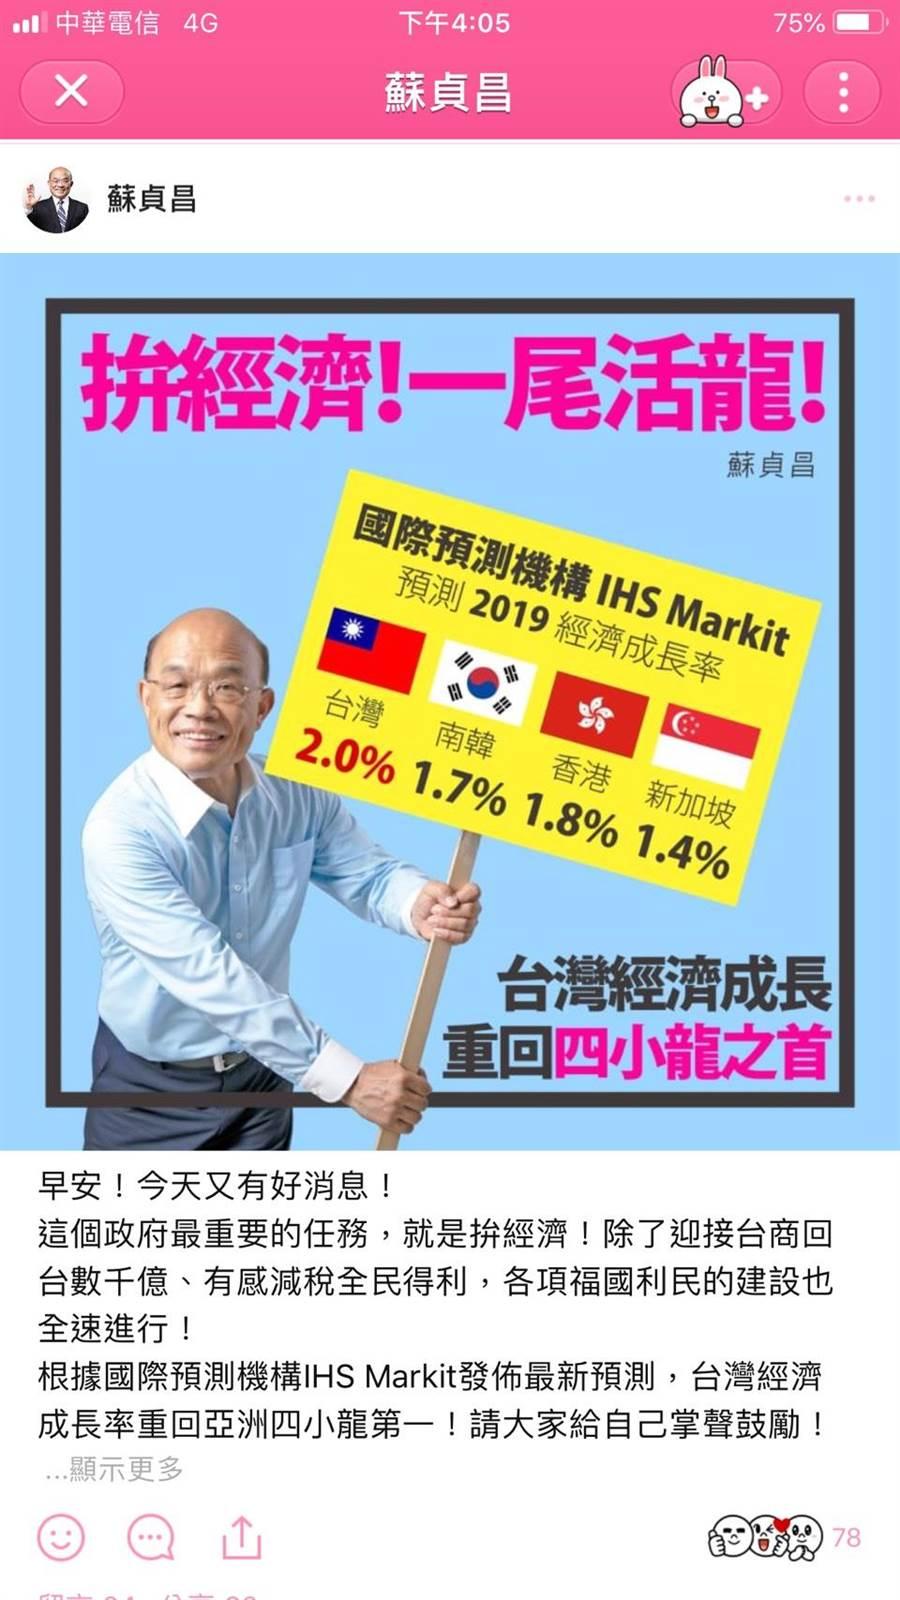 行政院長蘇貞昌上午在官方Line群組表示,根據國際預測機構IHS Markit發佈最新預測,台灣2019經濟成長率達2%,重回亞洲四小龍第一。(蘇貞昌LINE)